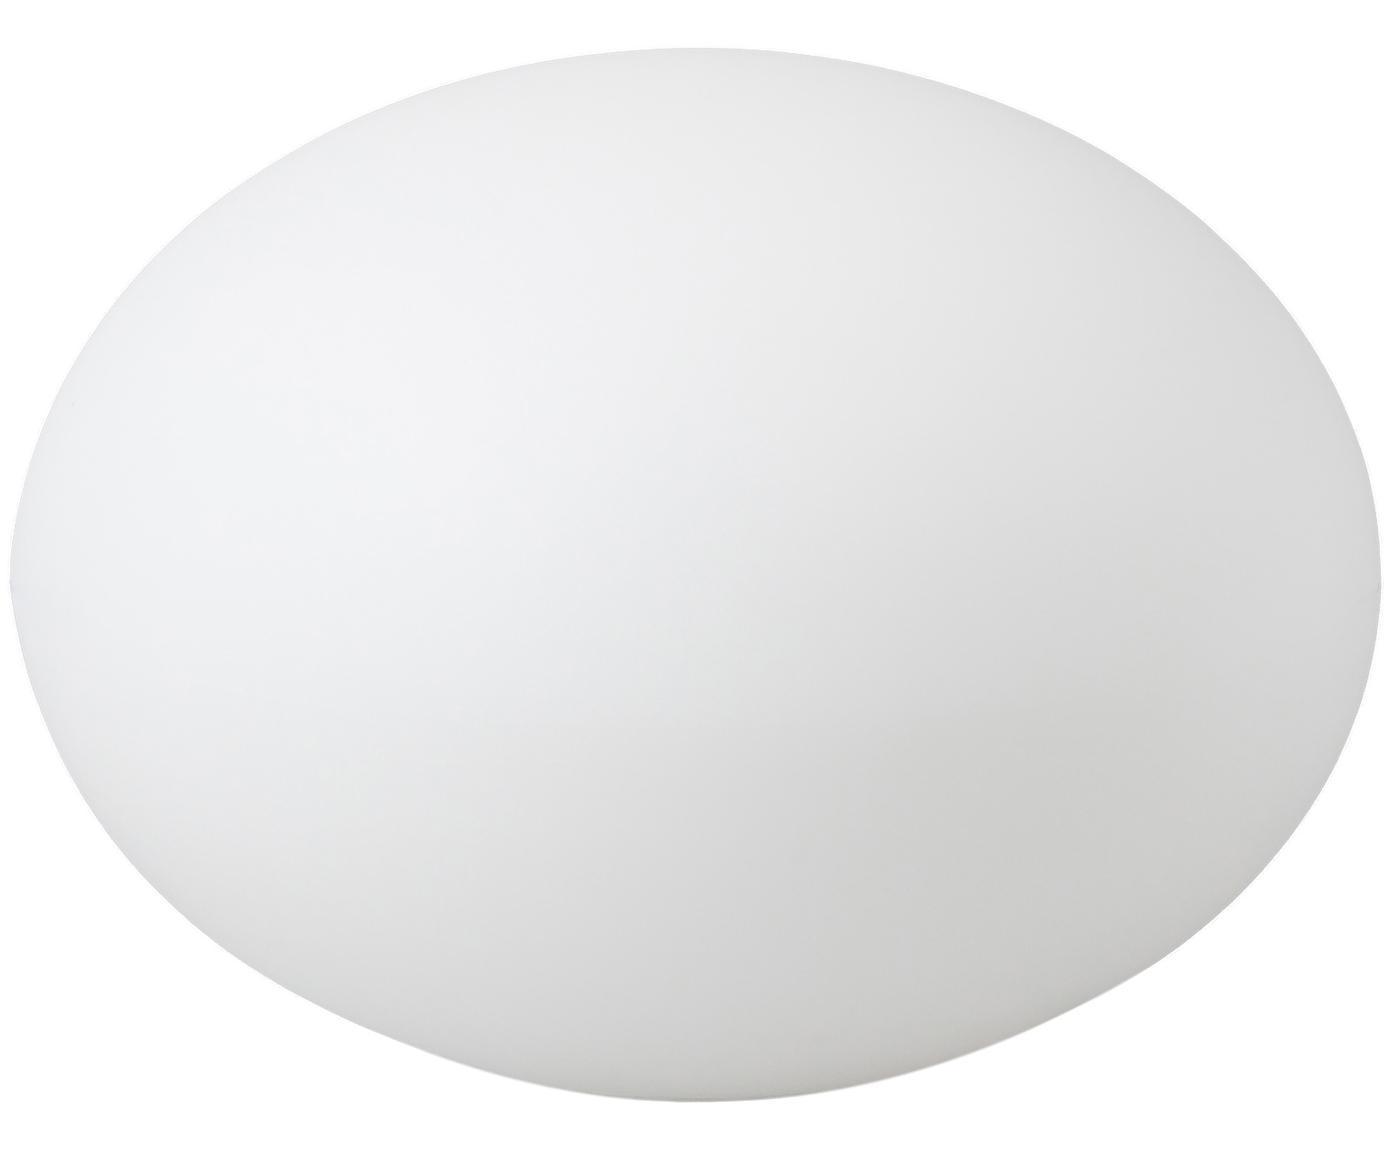 Lampada da terra con spina Apollo, Materiale sintetico, Bianco, Ø 40 x Alt. 30 cm